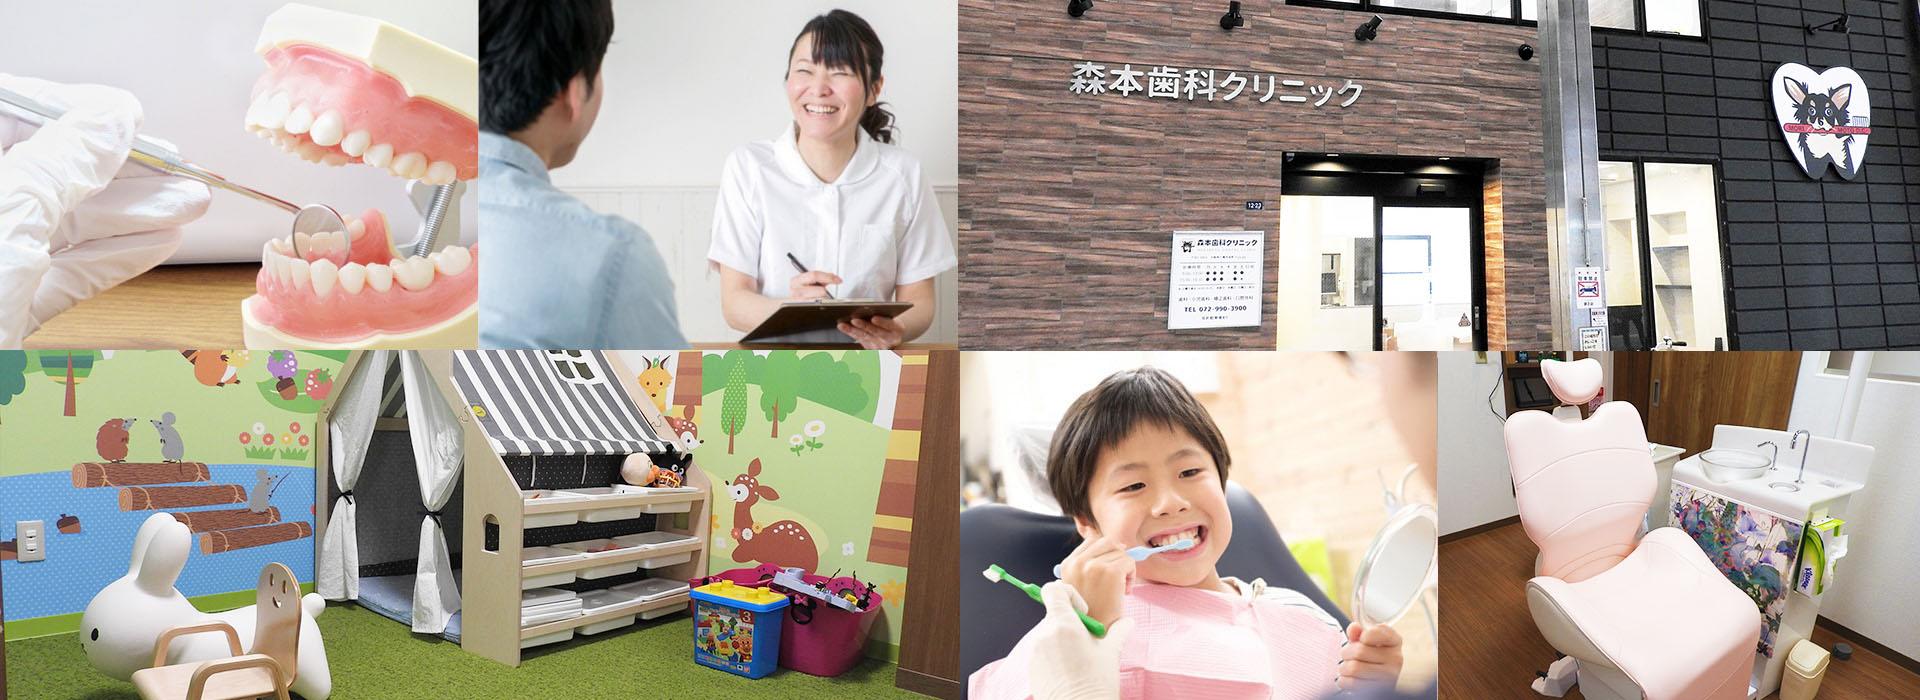 八尾駅近くの歯医者 | 森本歯科クリニック